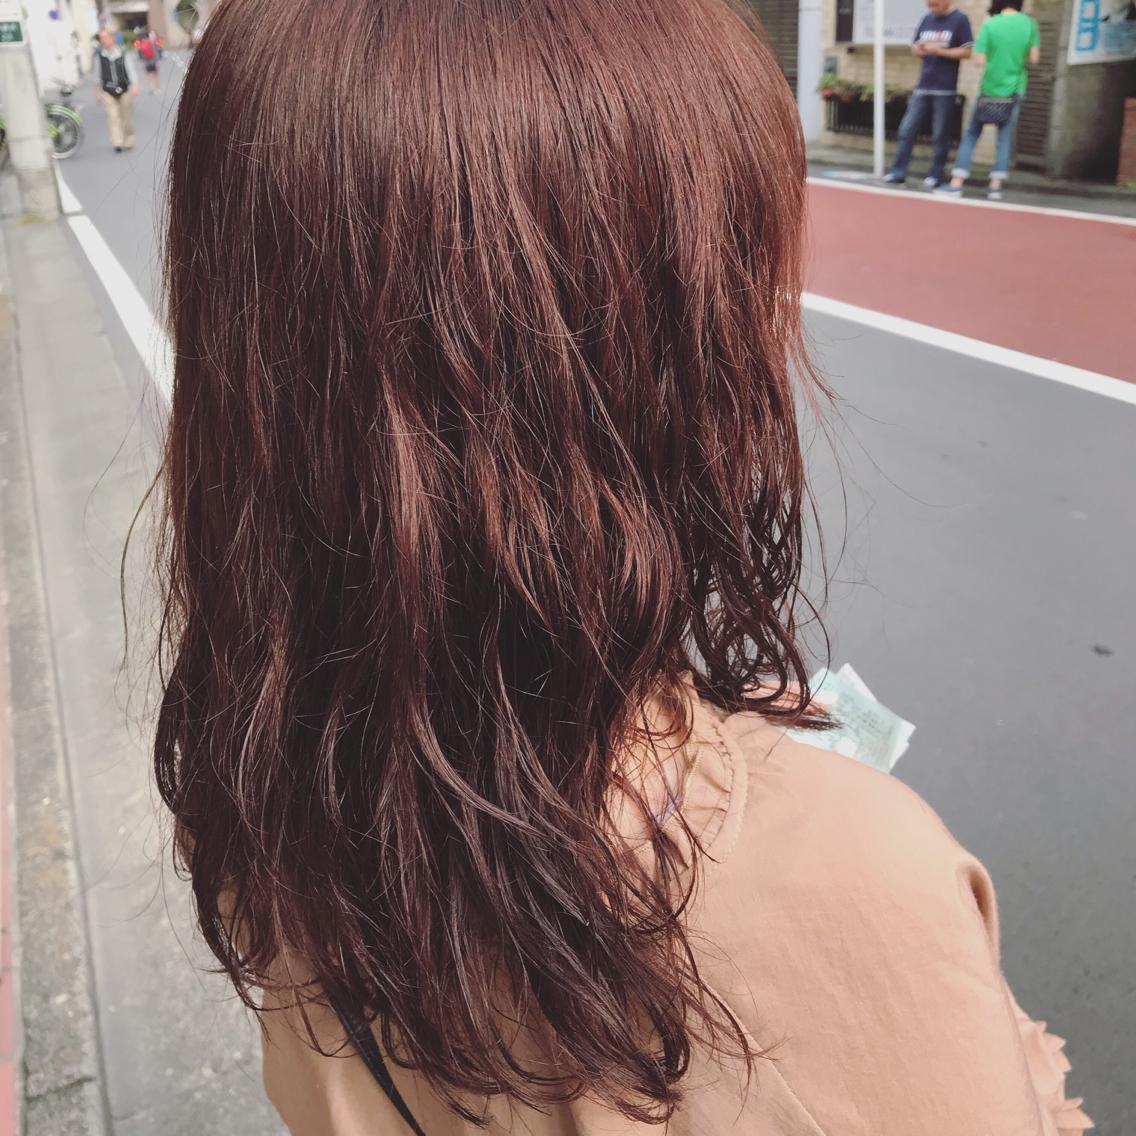 #ミディアム #カラー 夏らしい温かみのある赤髪 🌺日光にあたると更に綺麗に発色します🌺 わたし自身3年赤髪なので、オレンジよりの赤髪、ピンクよりの赤髪、赤髪のことならお任せください🌺🌺  パーマを活かしたシアバターでのスタイリングが◎❤︎